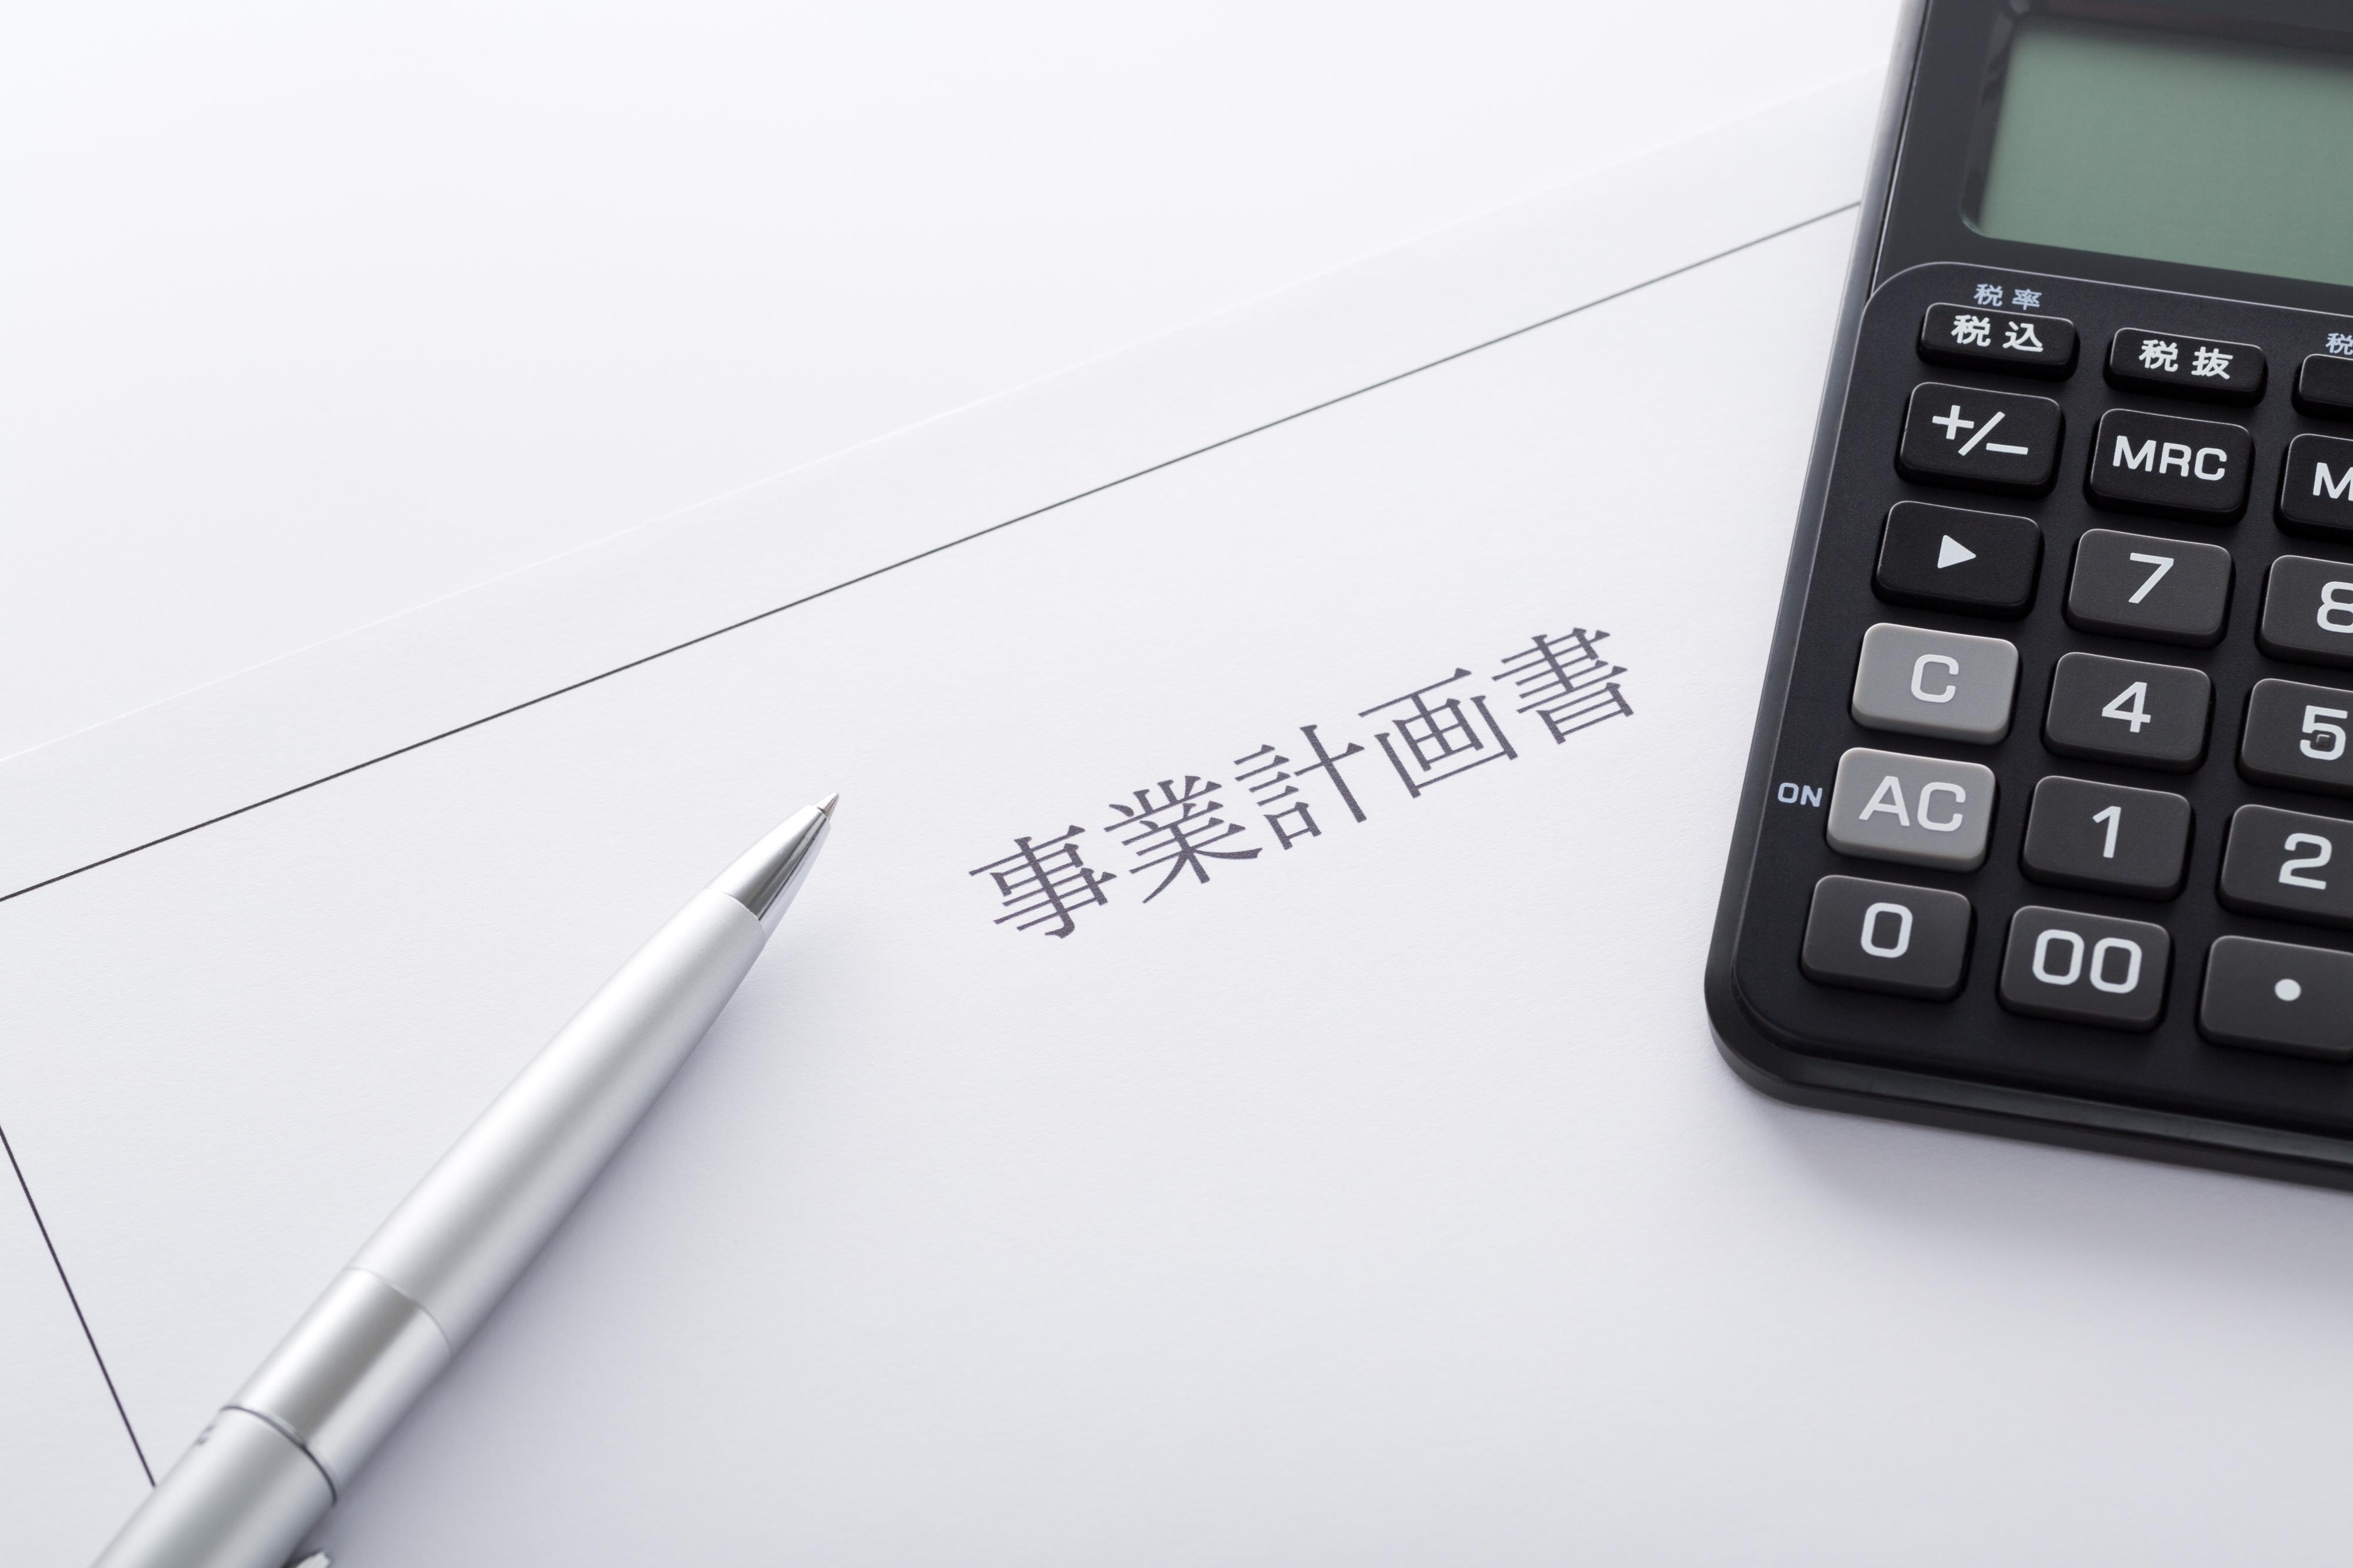 完璧な事業計画書を書く方法